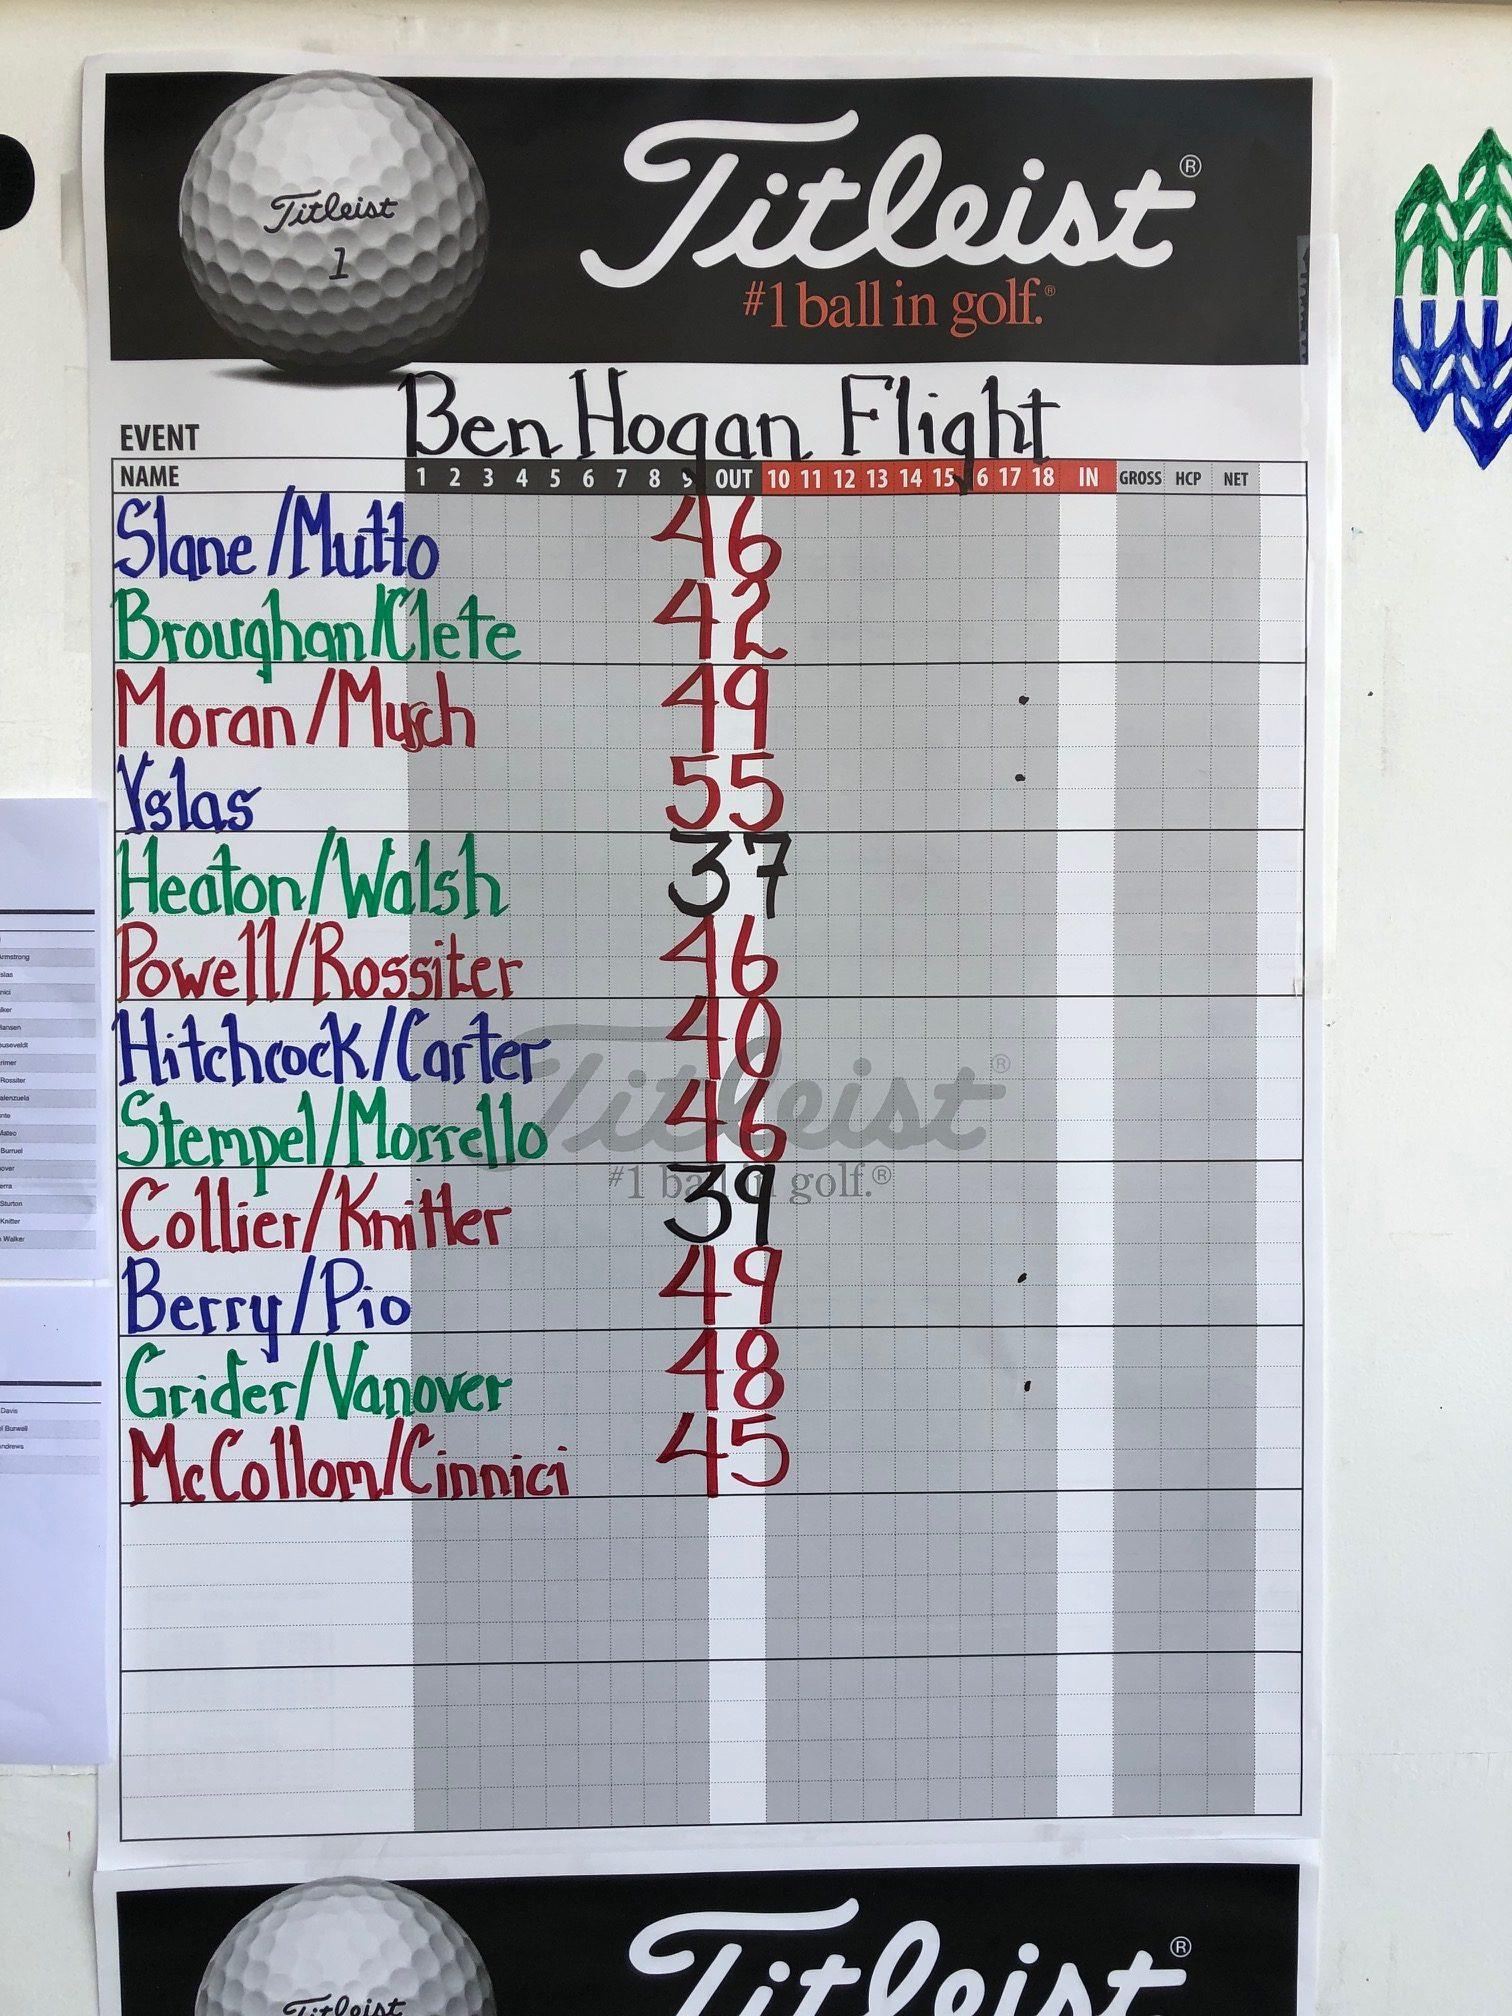 Ben Hogan Flight